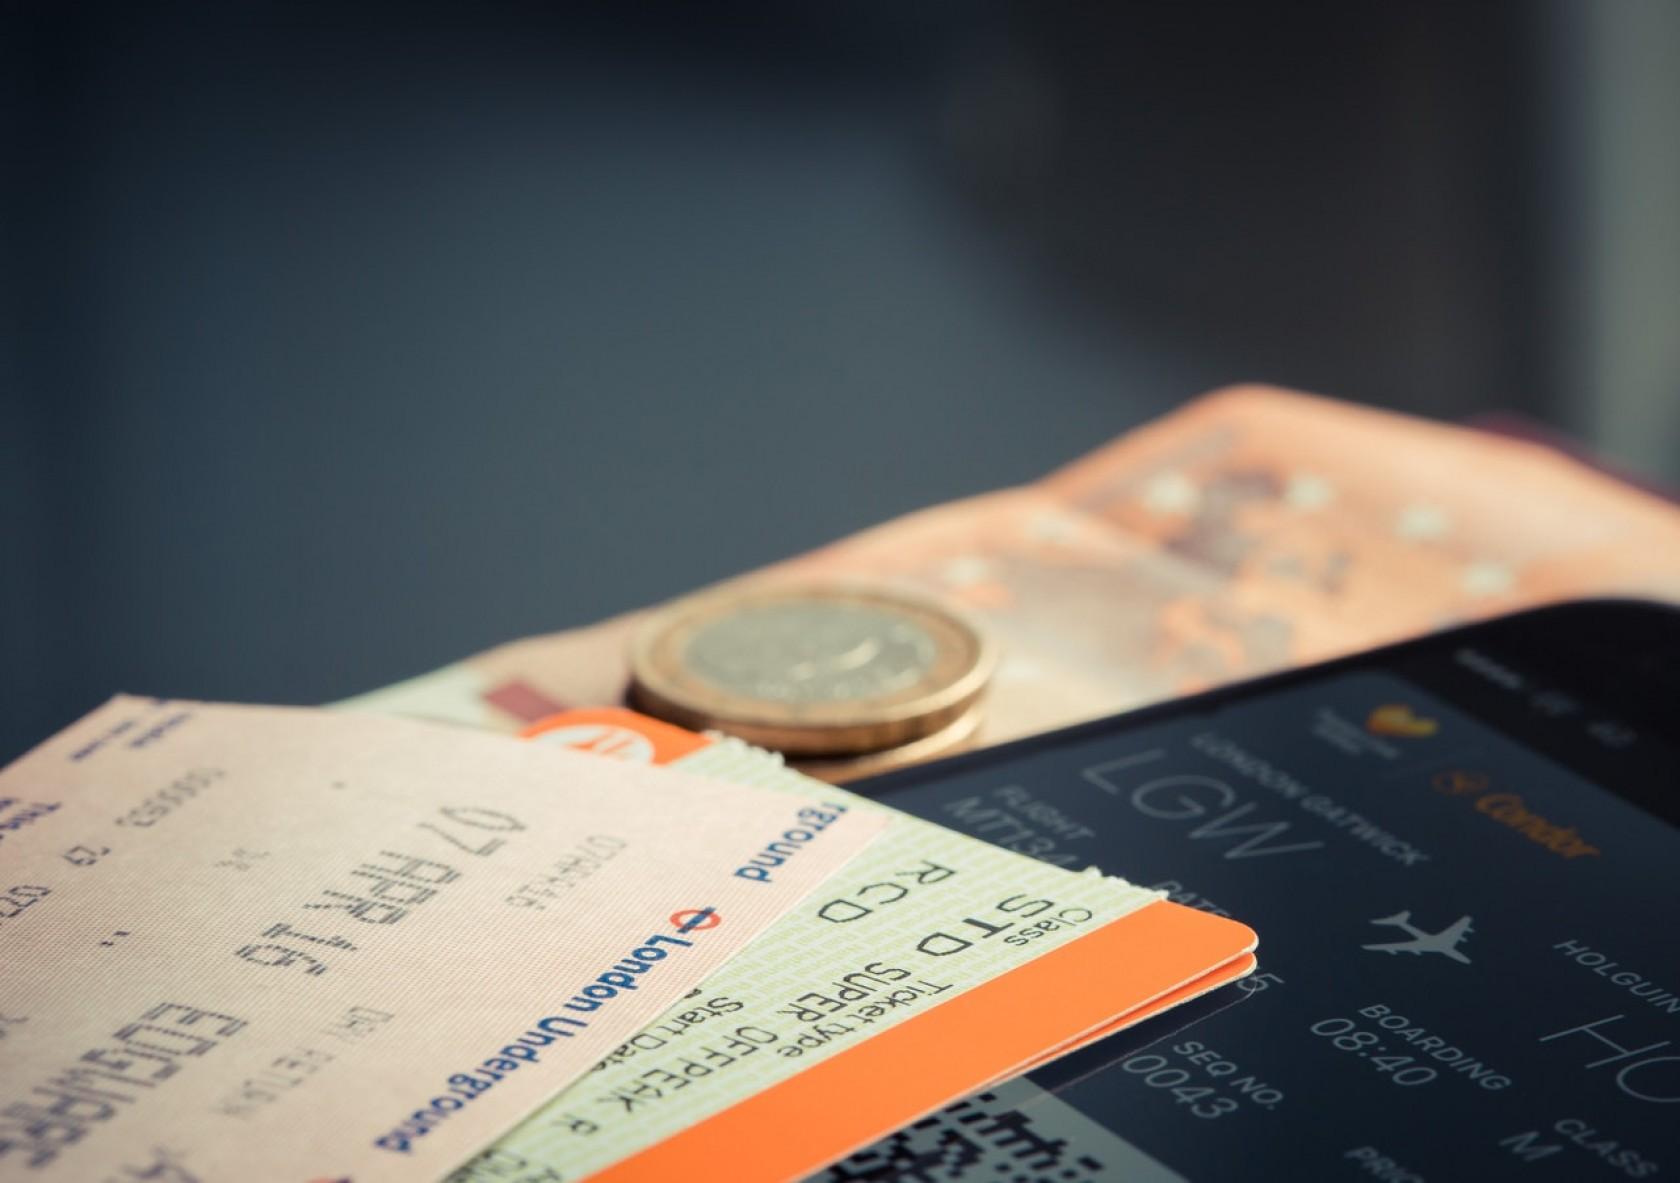 Yurtdışında Lise Eğitim Fiyatları Sigorta Seyahat ve Vize İşlemleri Hakkında Bilinmesi Gerekenler